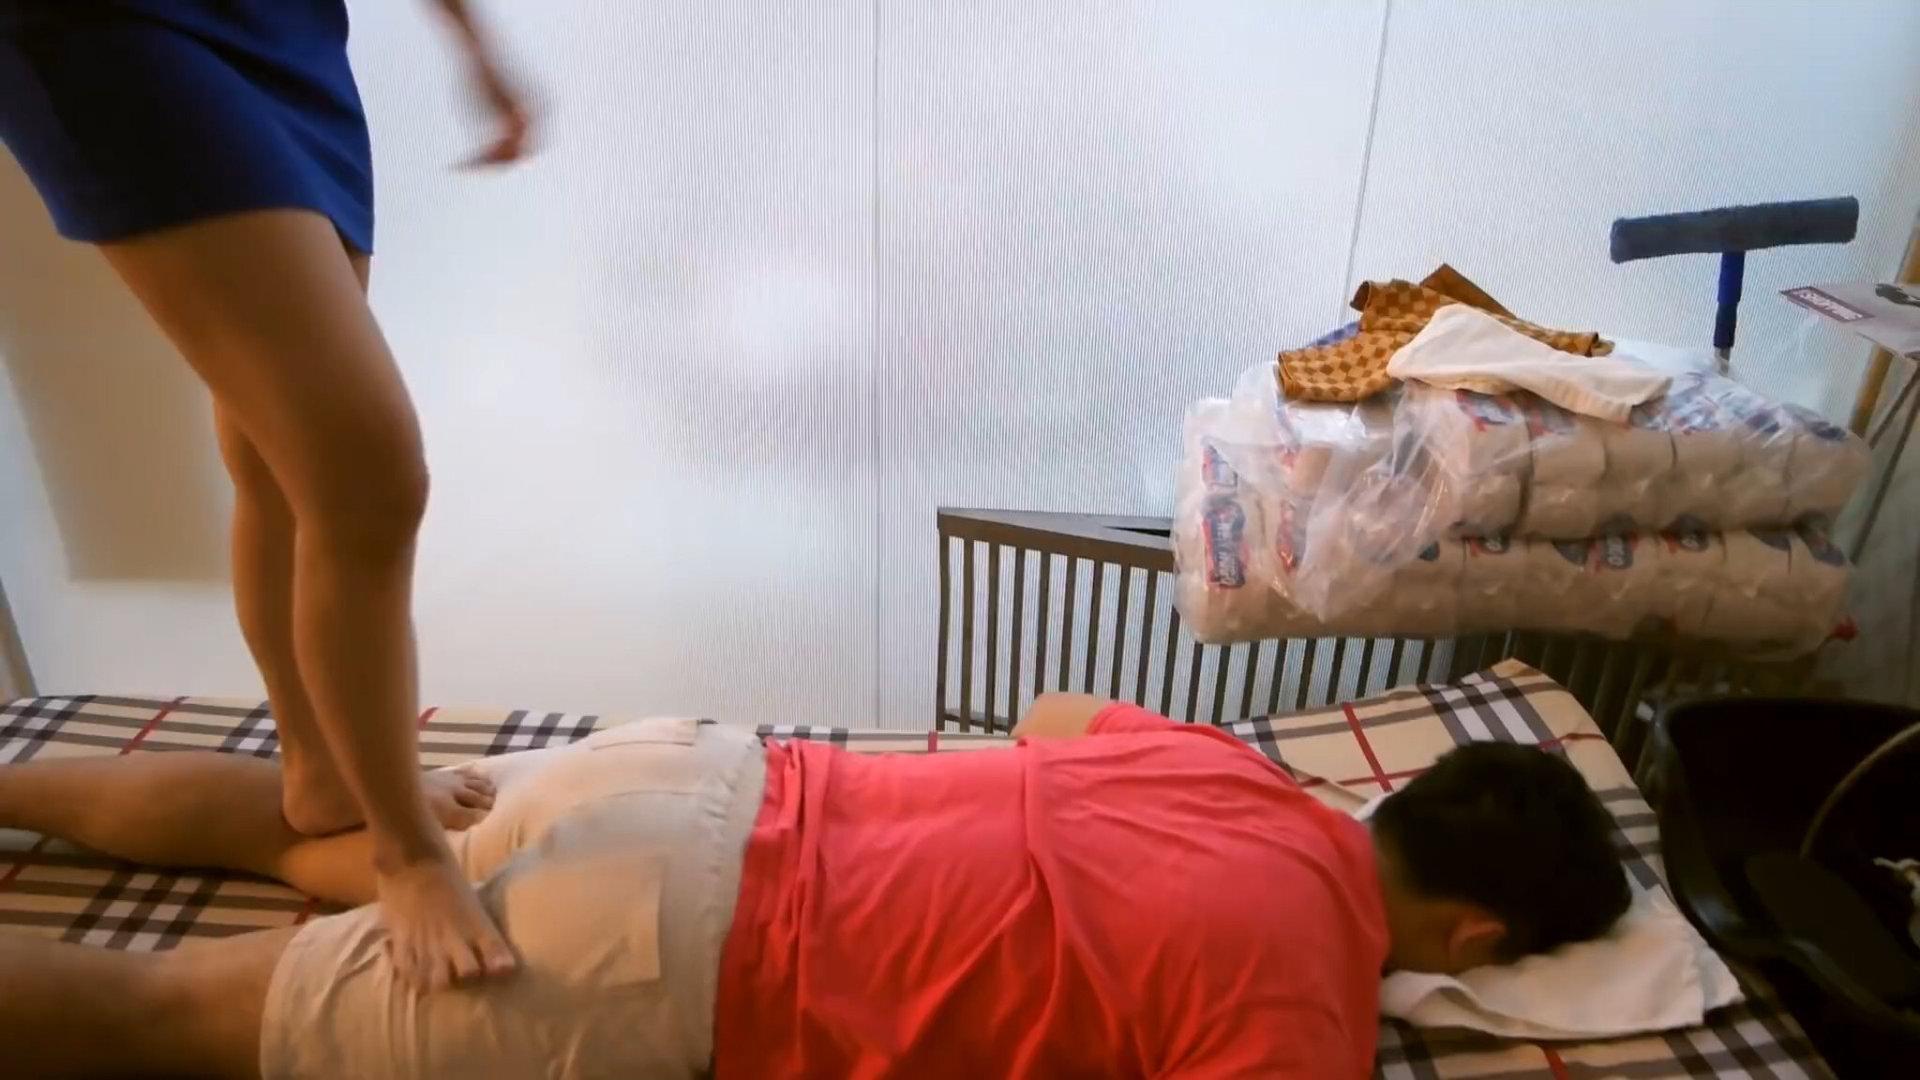 1000円で体験できるエロサービスが凄すぎる理髪店wwwwwww(画像あり)・9枚目